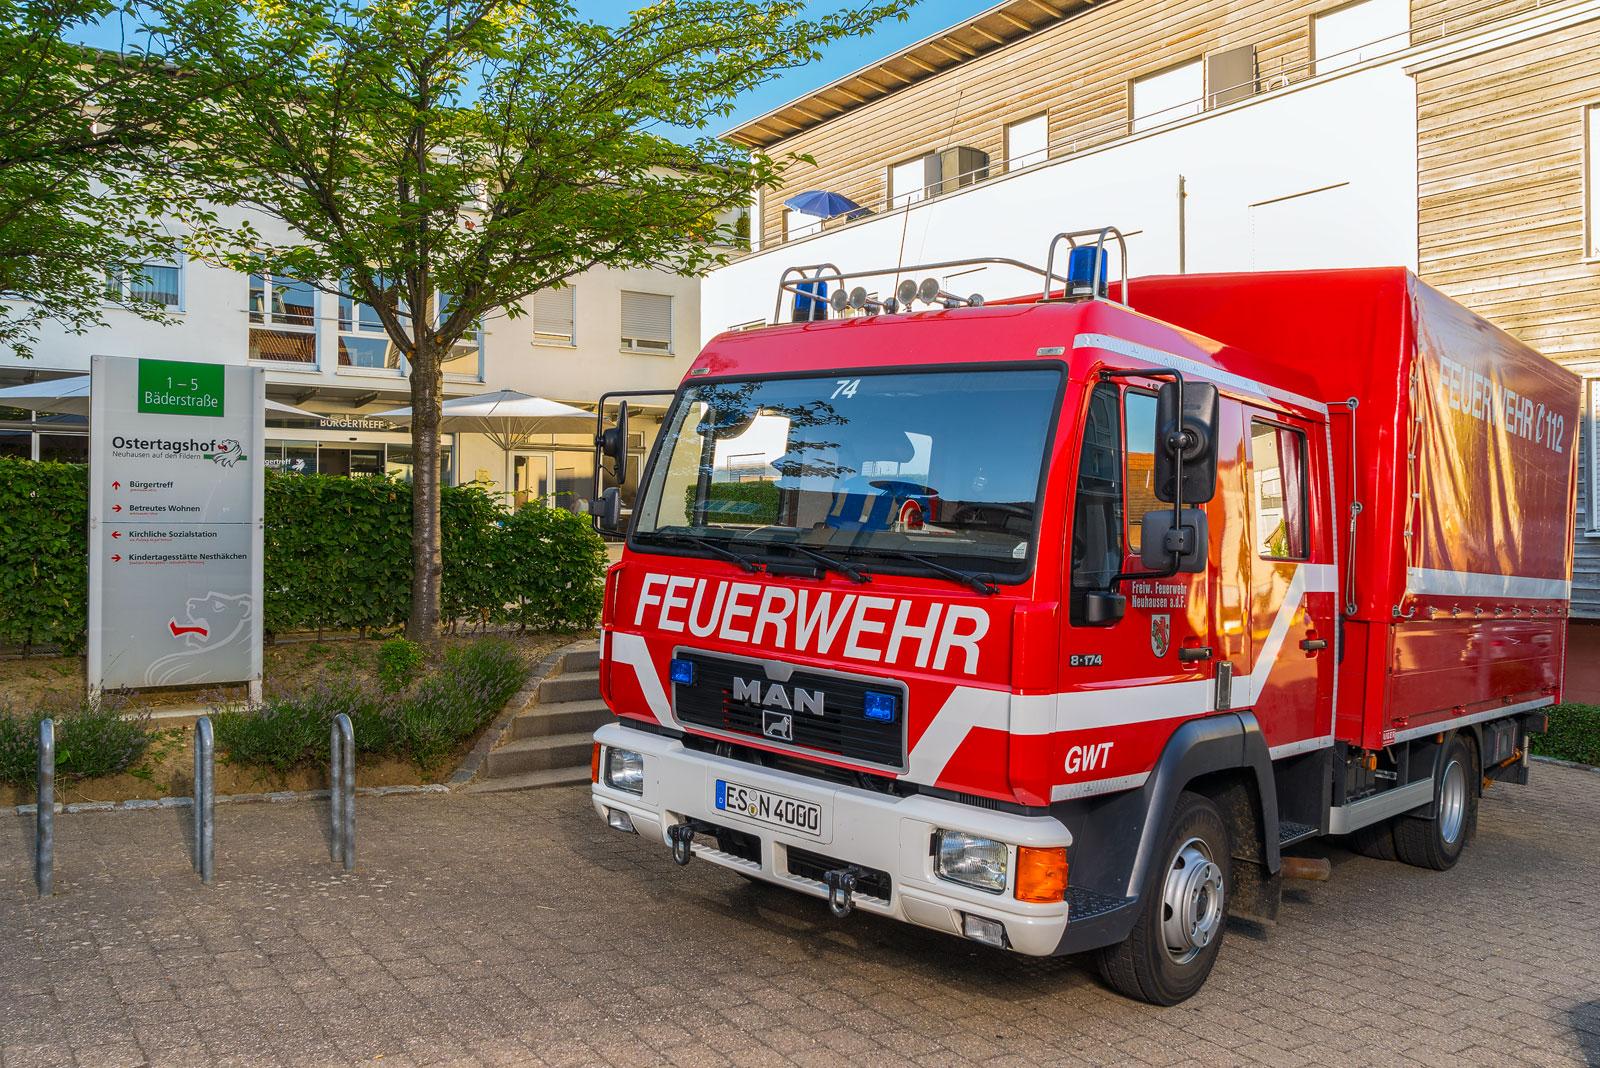 20150630_Feuerwehr-Fahrzeug-Shooting_0061-Bearbeitet